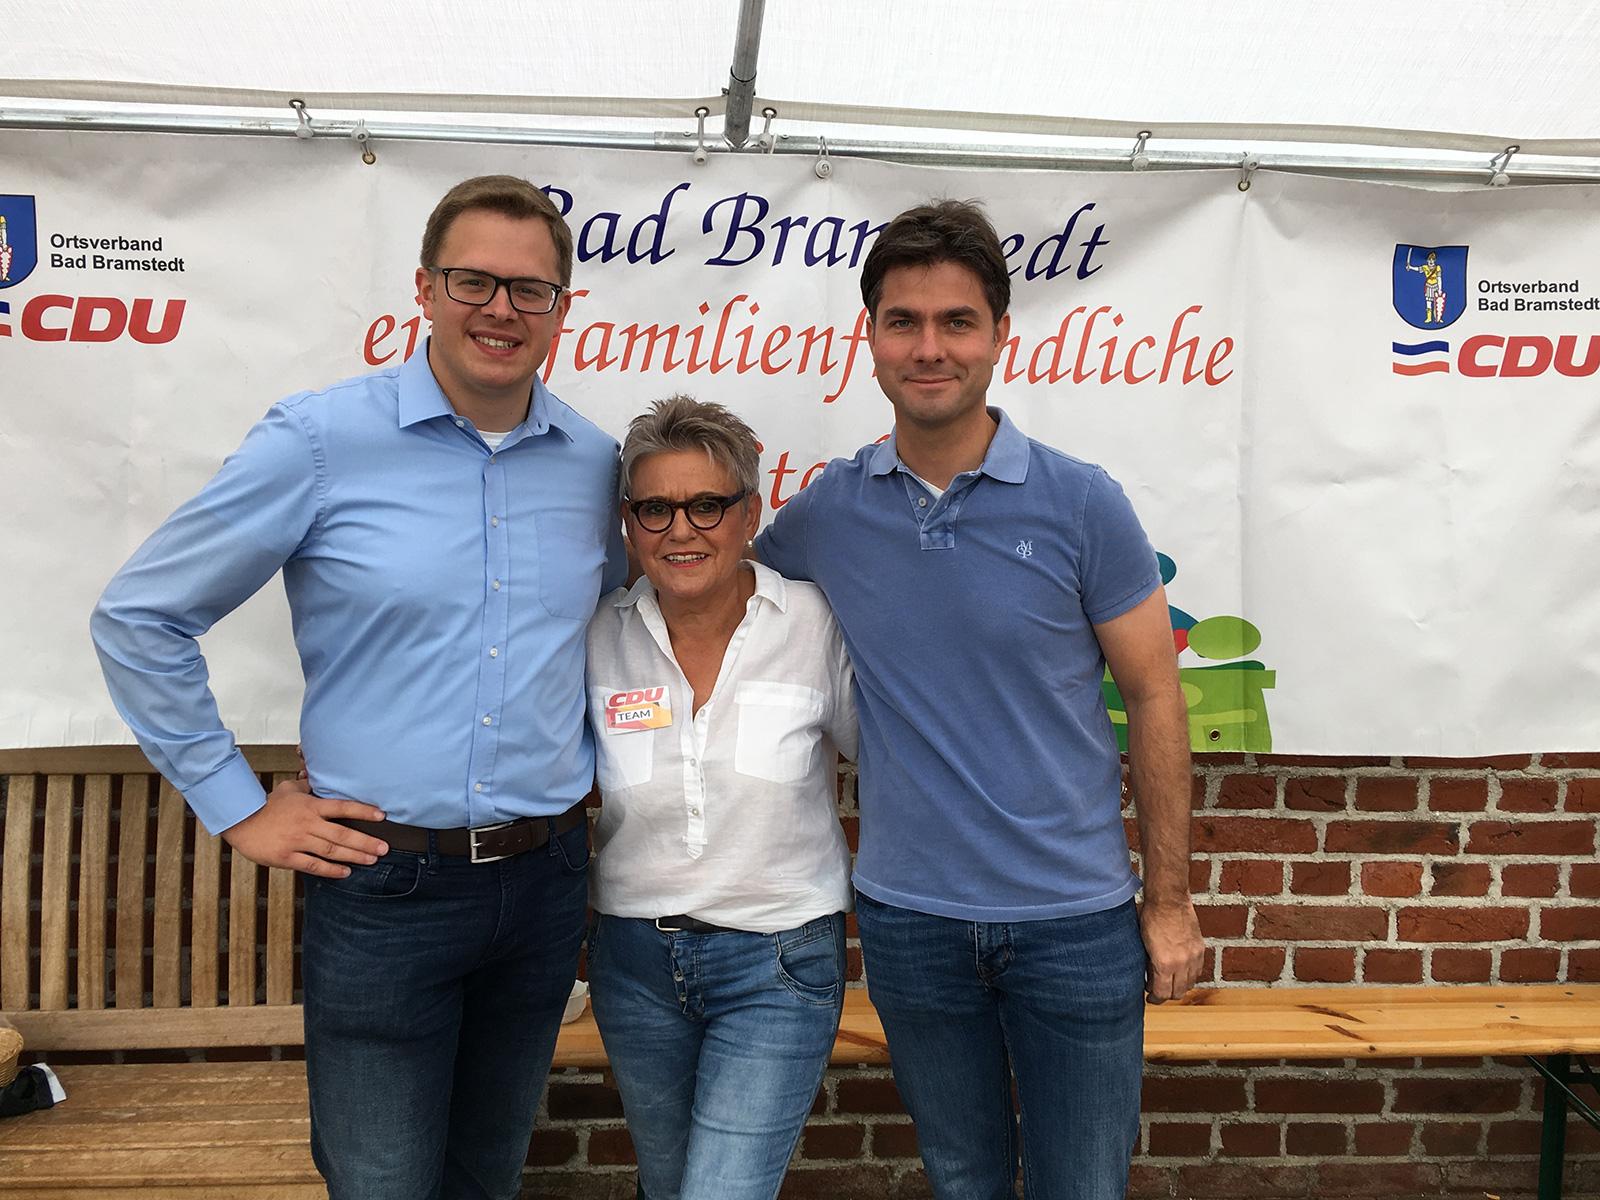 Freuten sich über rege Gespräche: Landtagsabgeordneter Ole-Christopher Plambeck mit der Bürgervorsteherin Annegret Mißfeldt und dem Bundestagsabgeordneten Mark Helfrich.